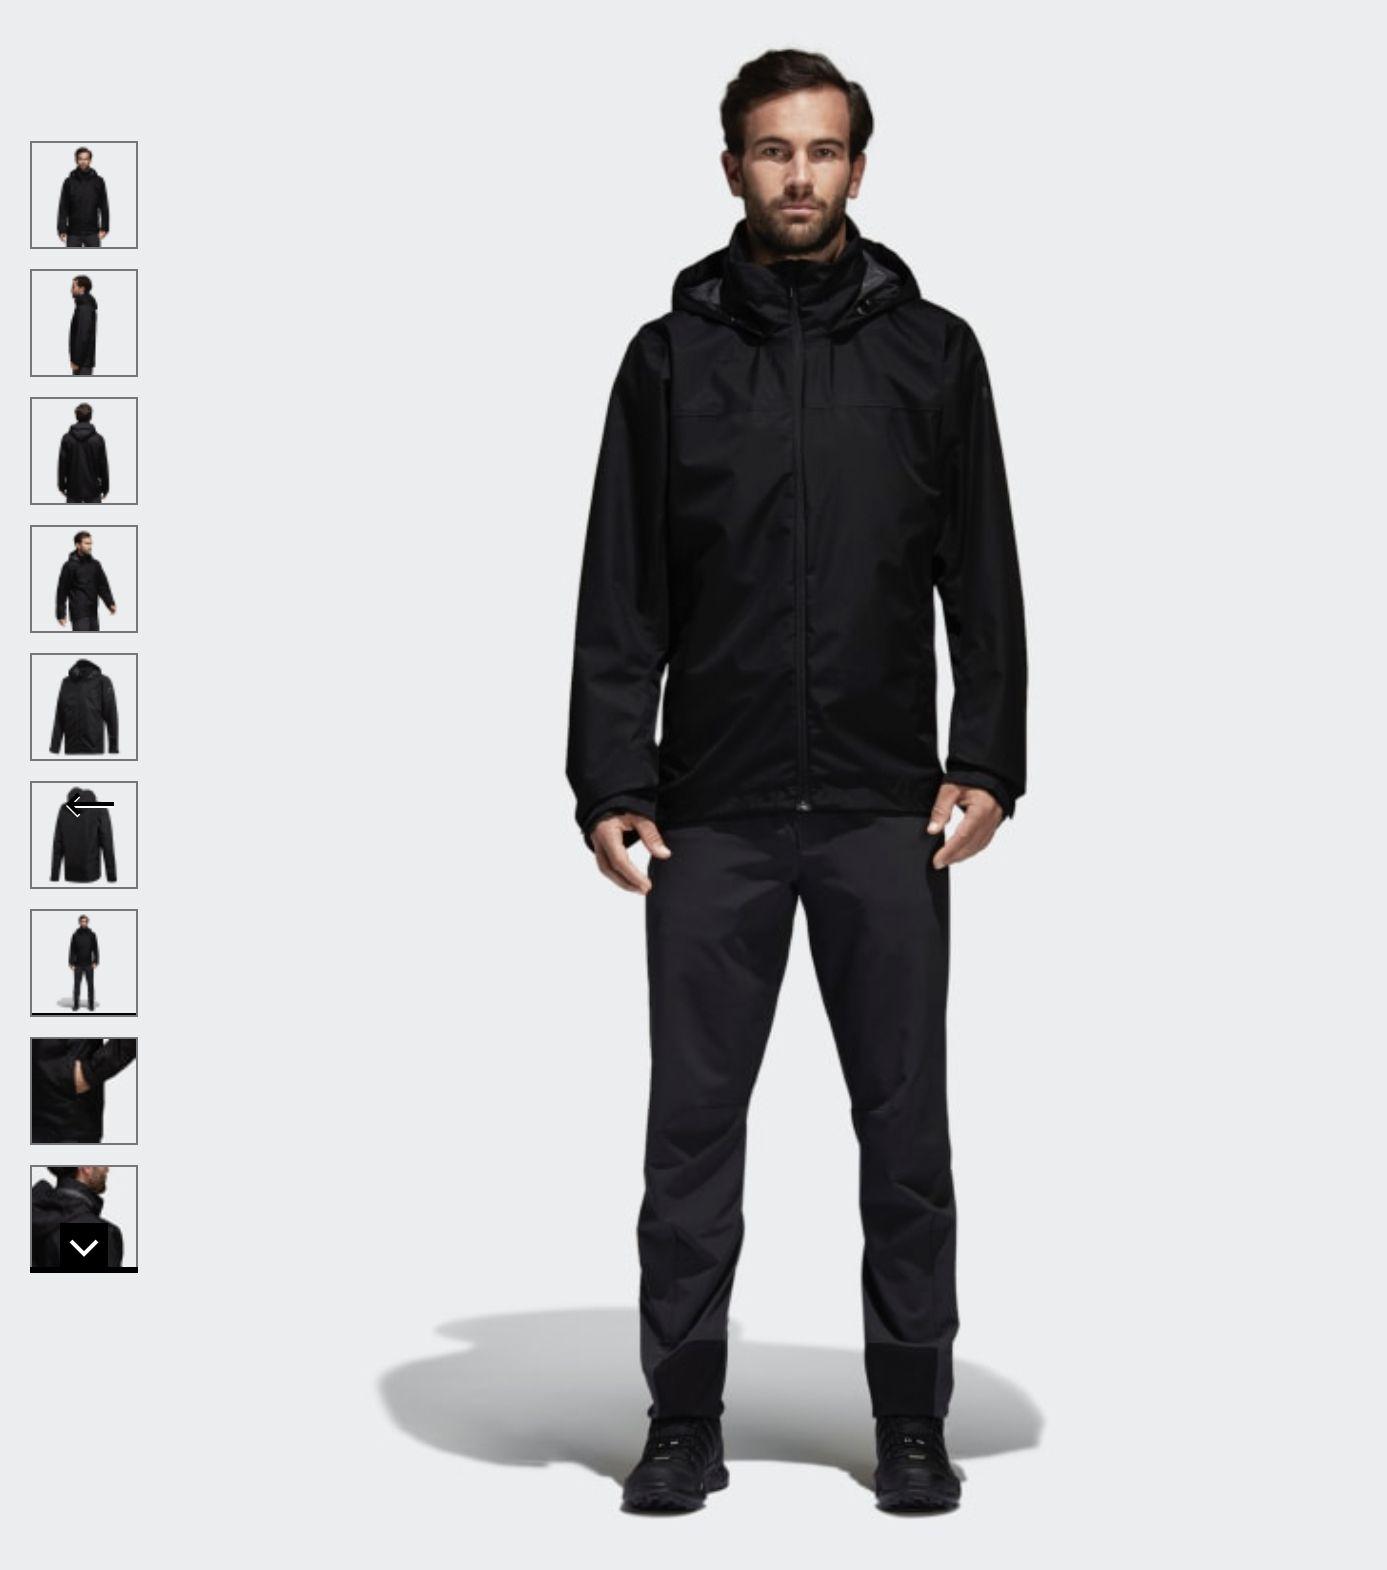 Adidas Wandertag jacket, black | Normcore, Fashion, Style